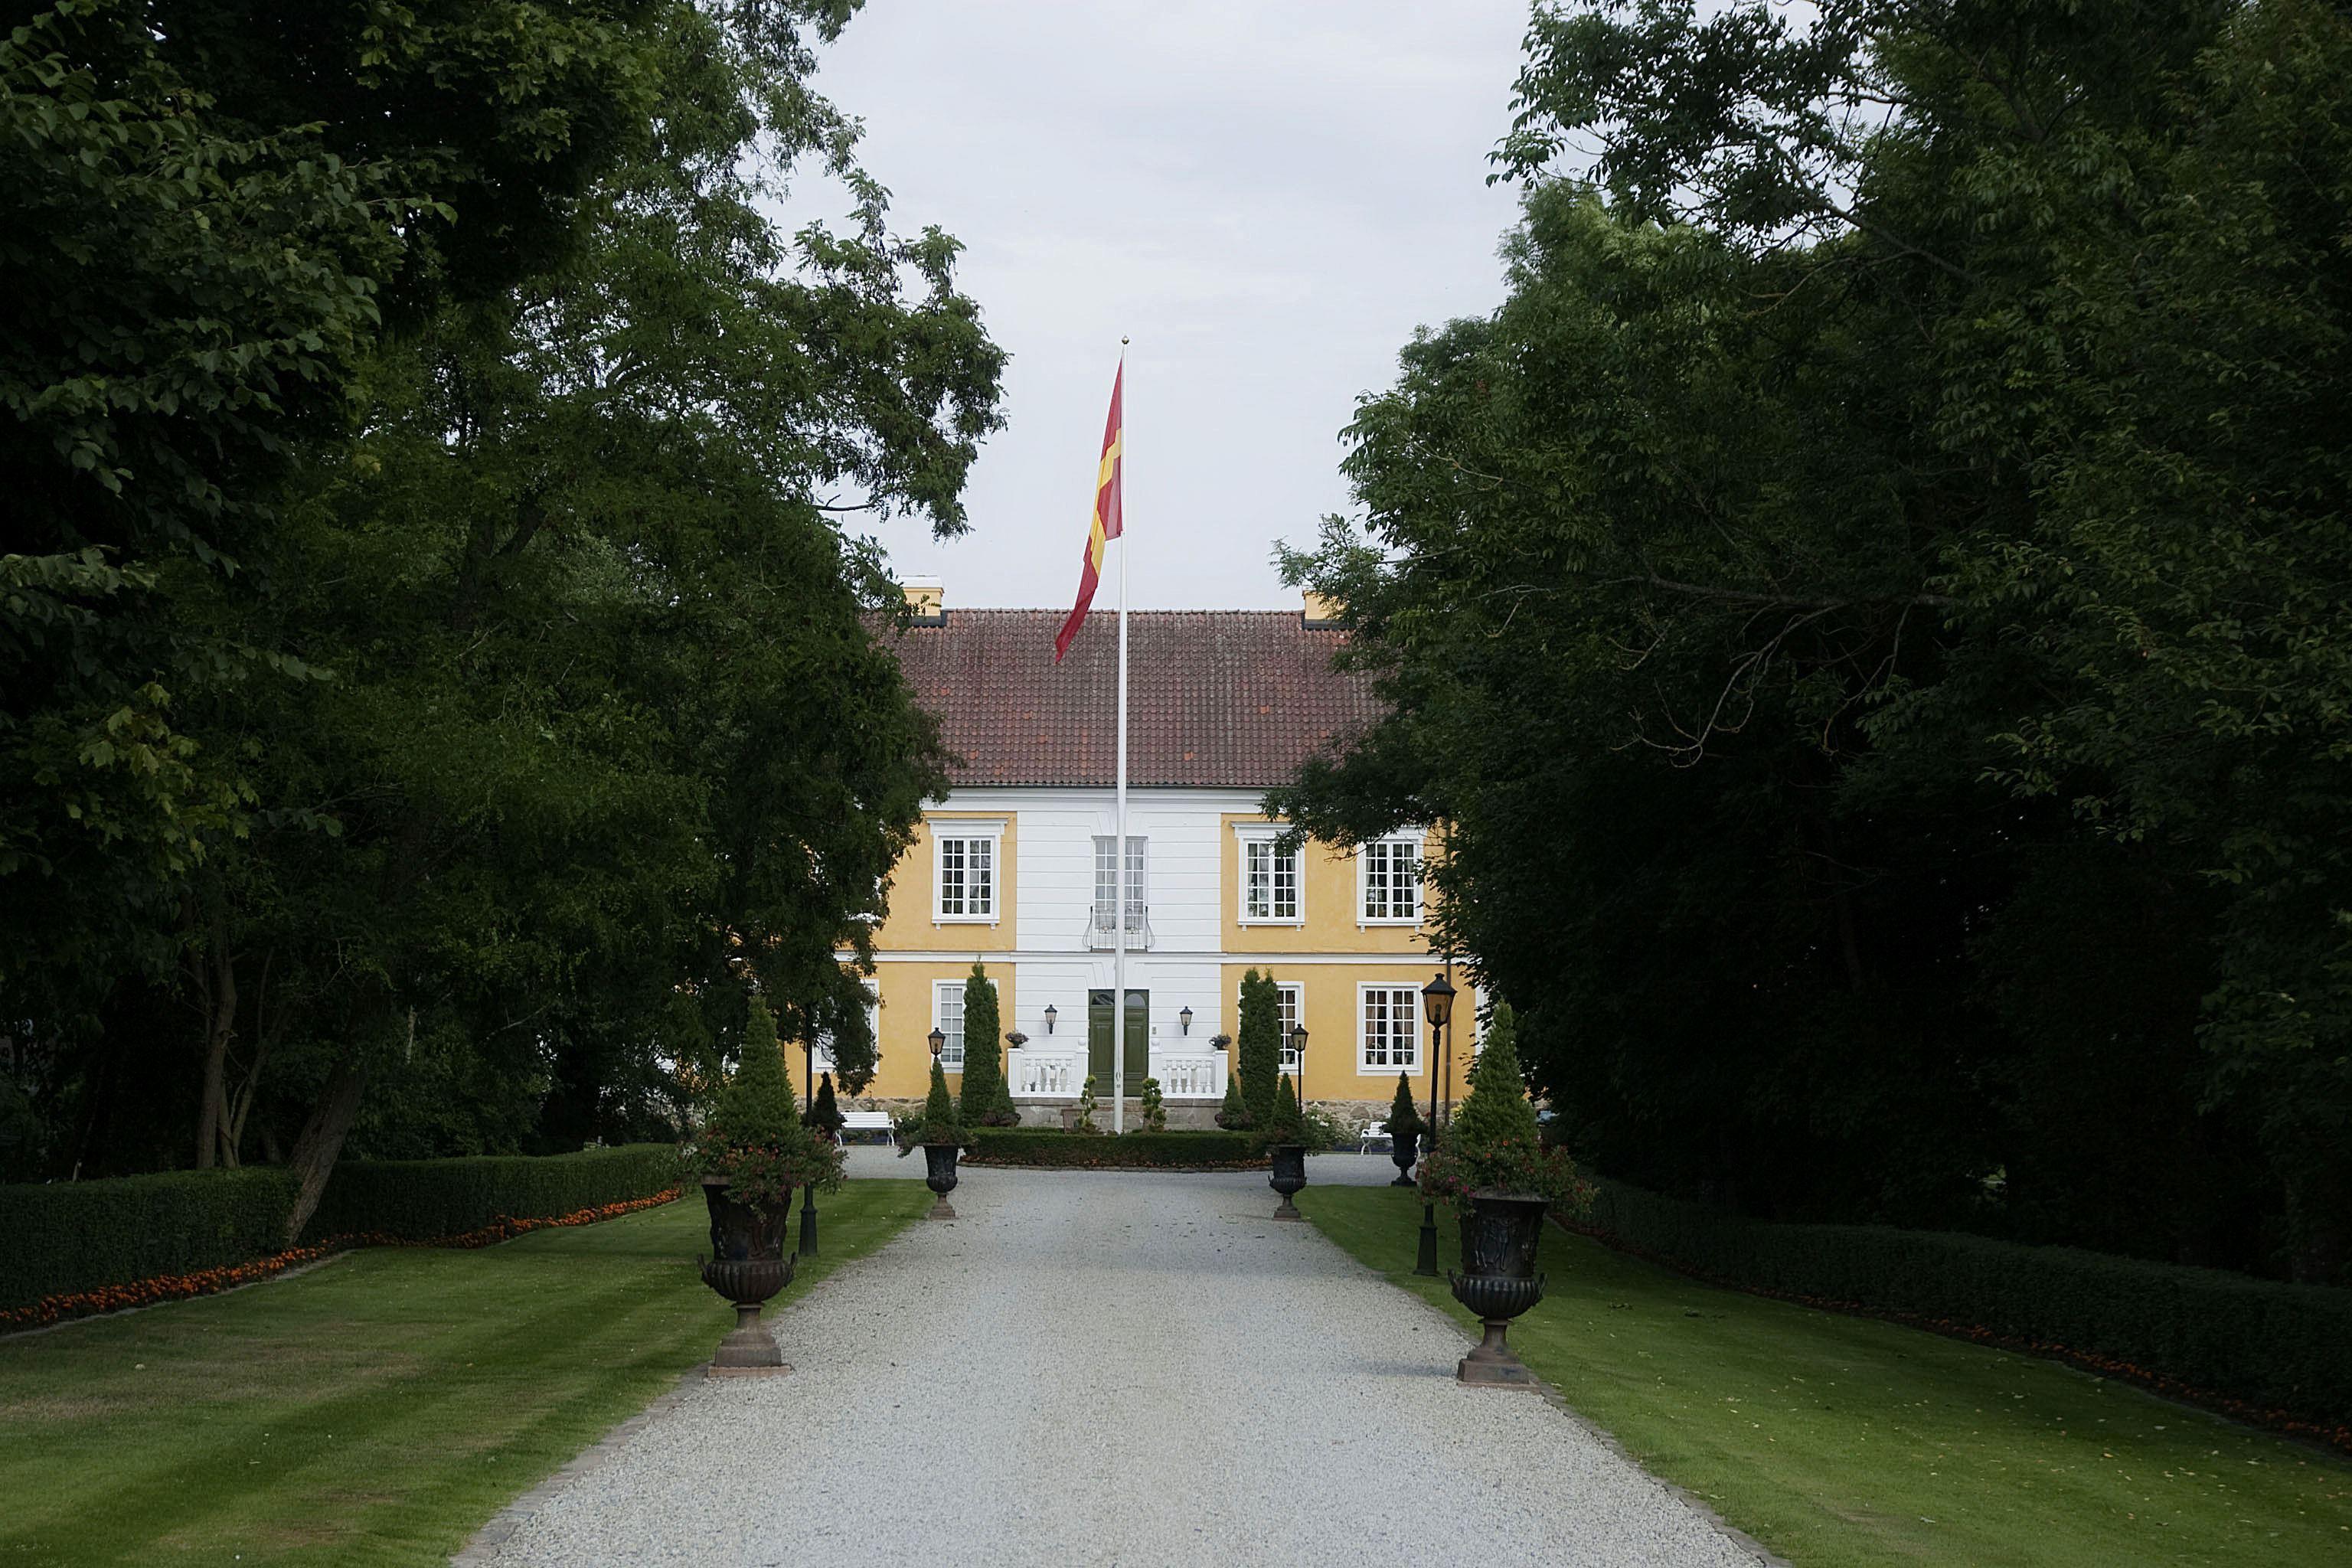 © Fulltofta slott, Fulltofta slott